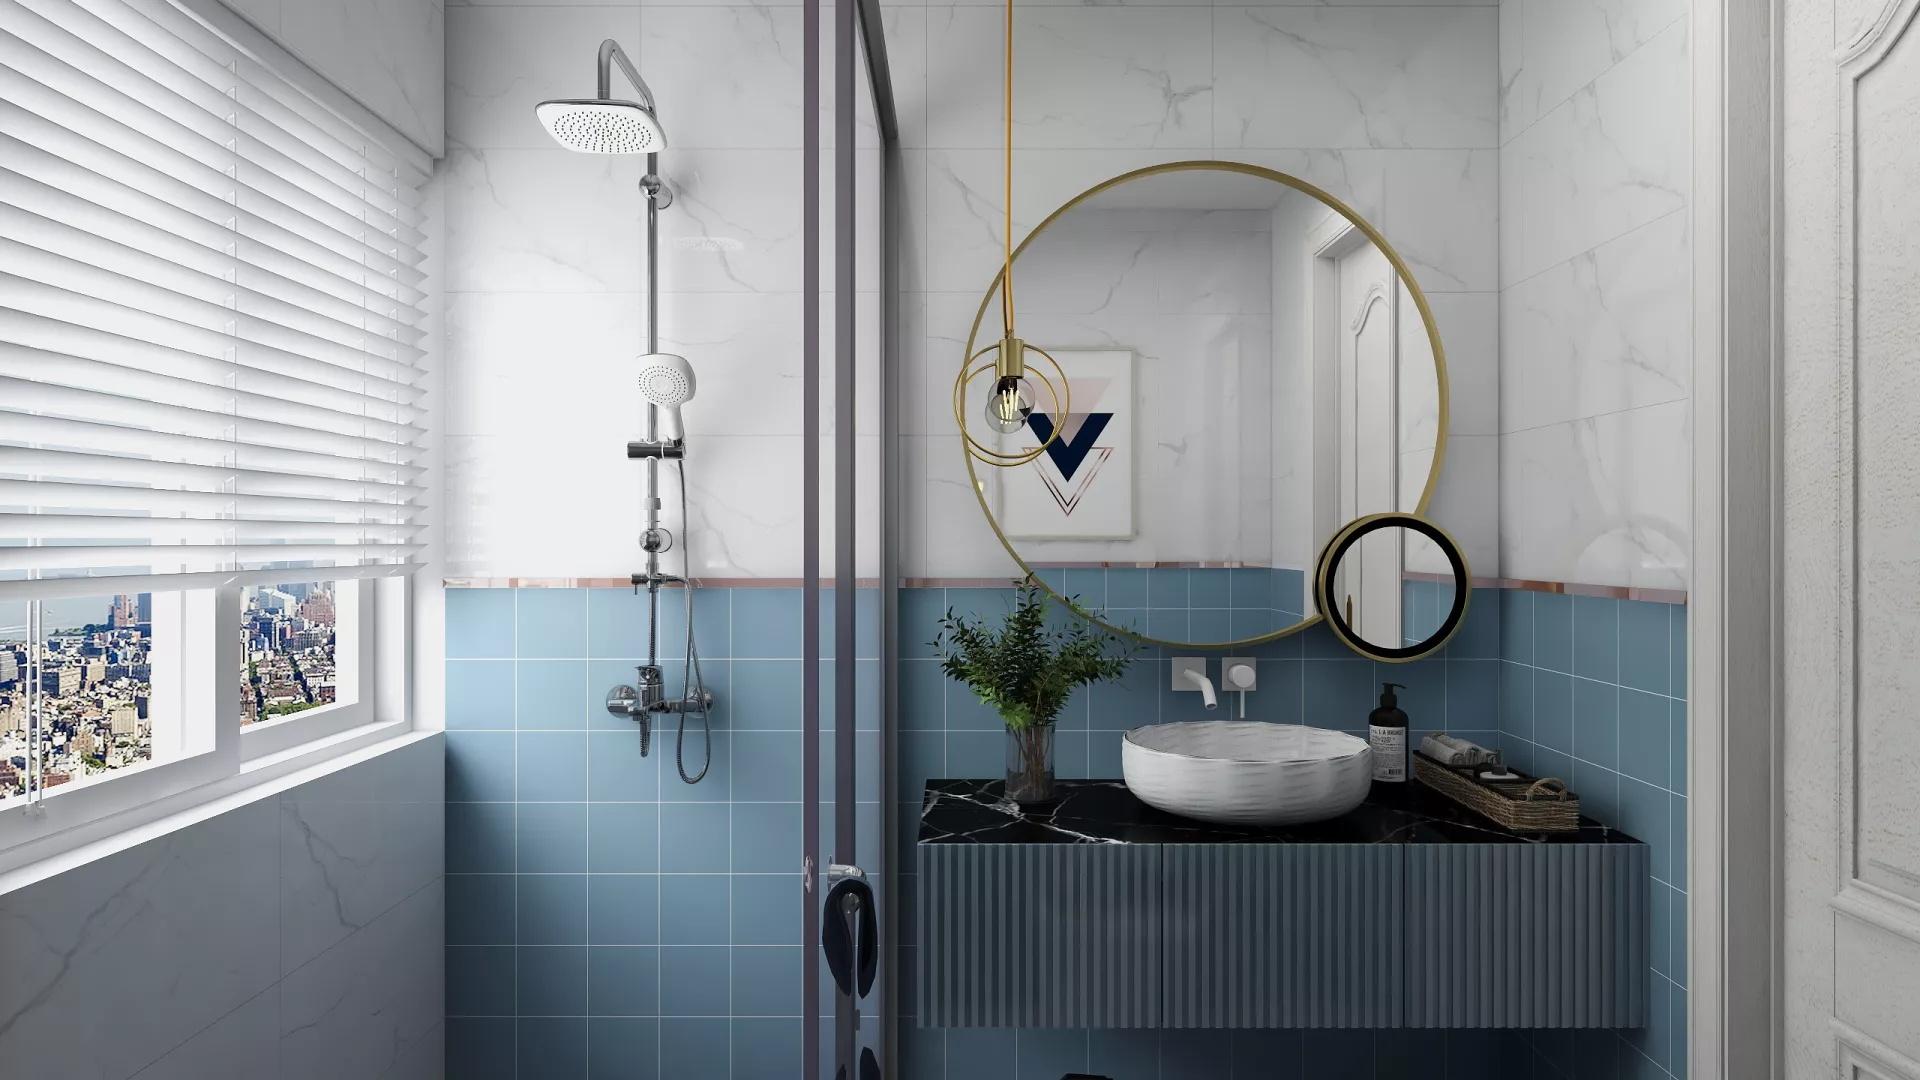 浴缸用什么东西能清洗 浴缸清洗技巧